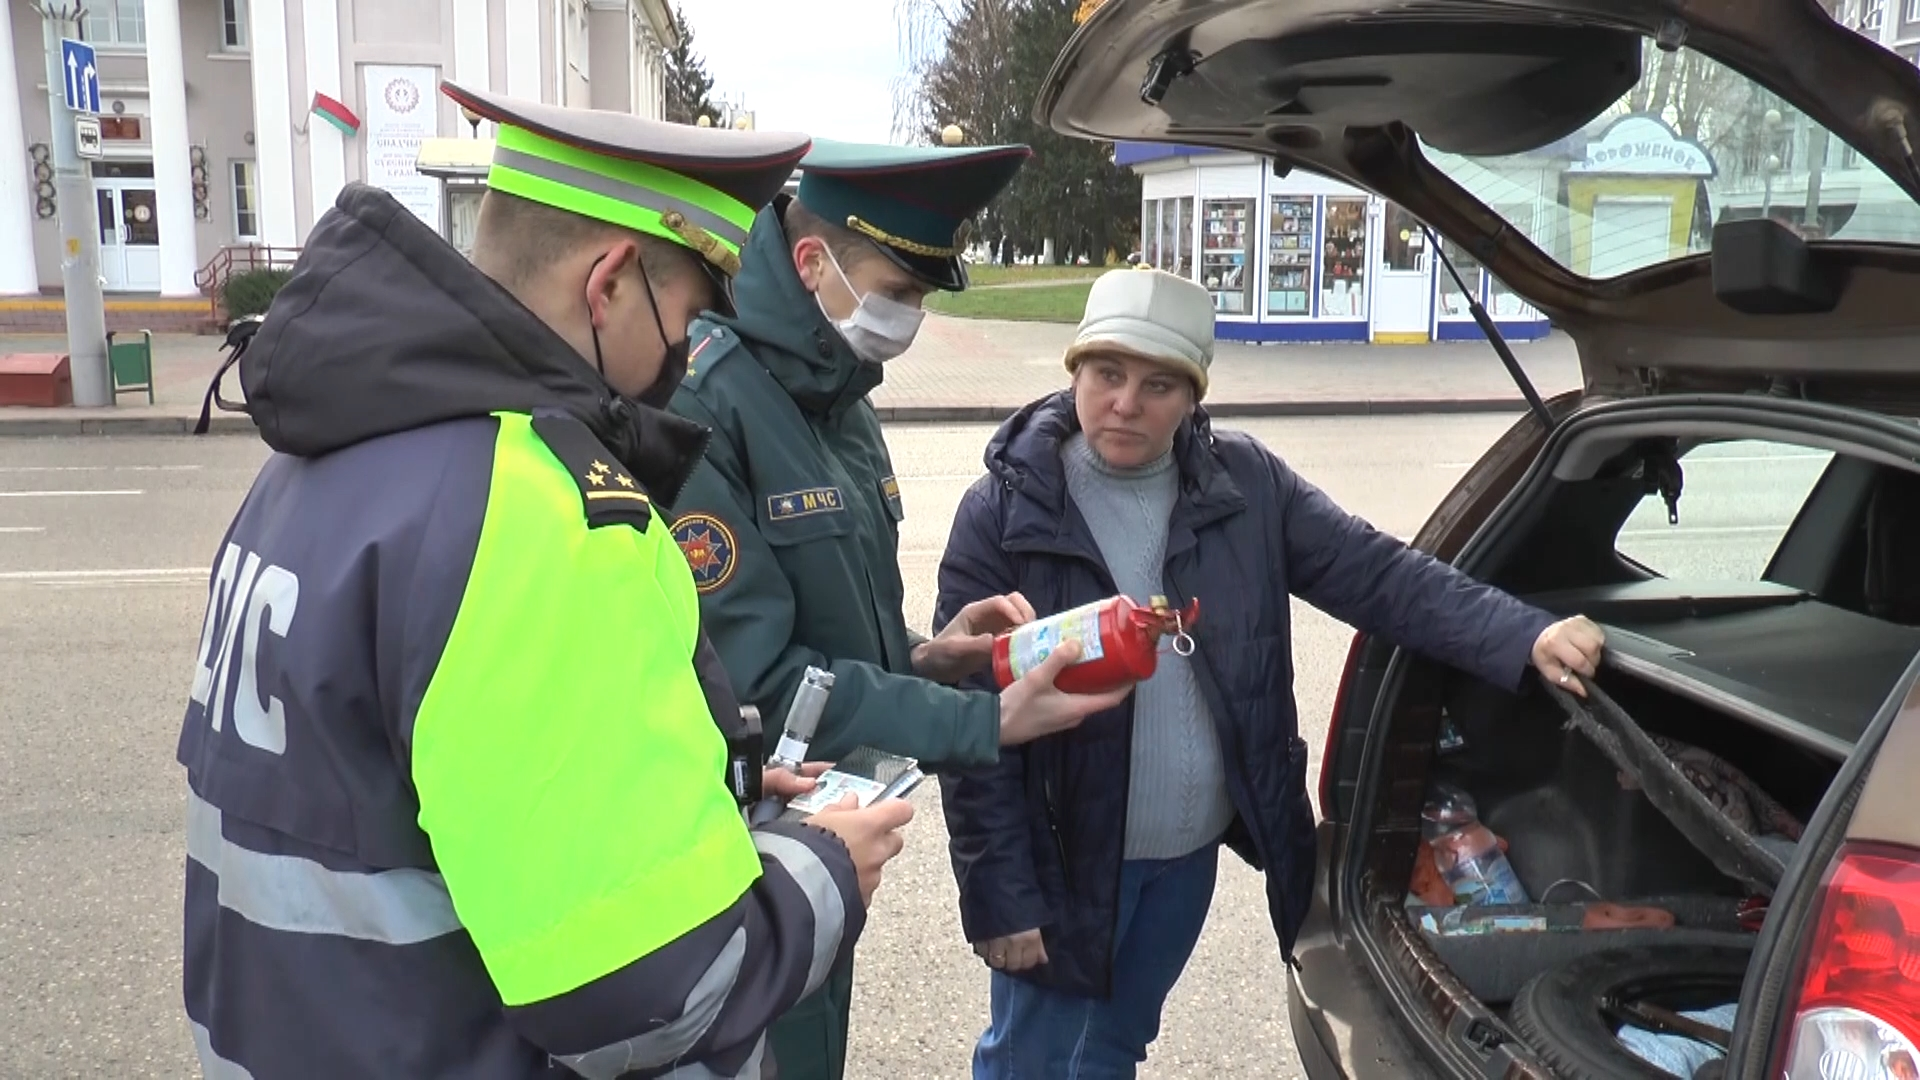 Работники Лидского РОЧС совместно с инспектором дорожно-патрульной службы Госавтоинспекции провели рейд среди водителей на улицах нашего города.